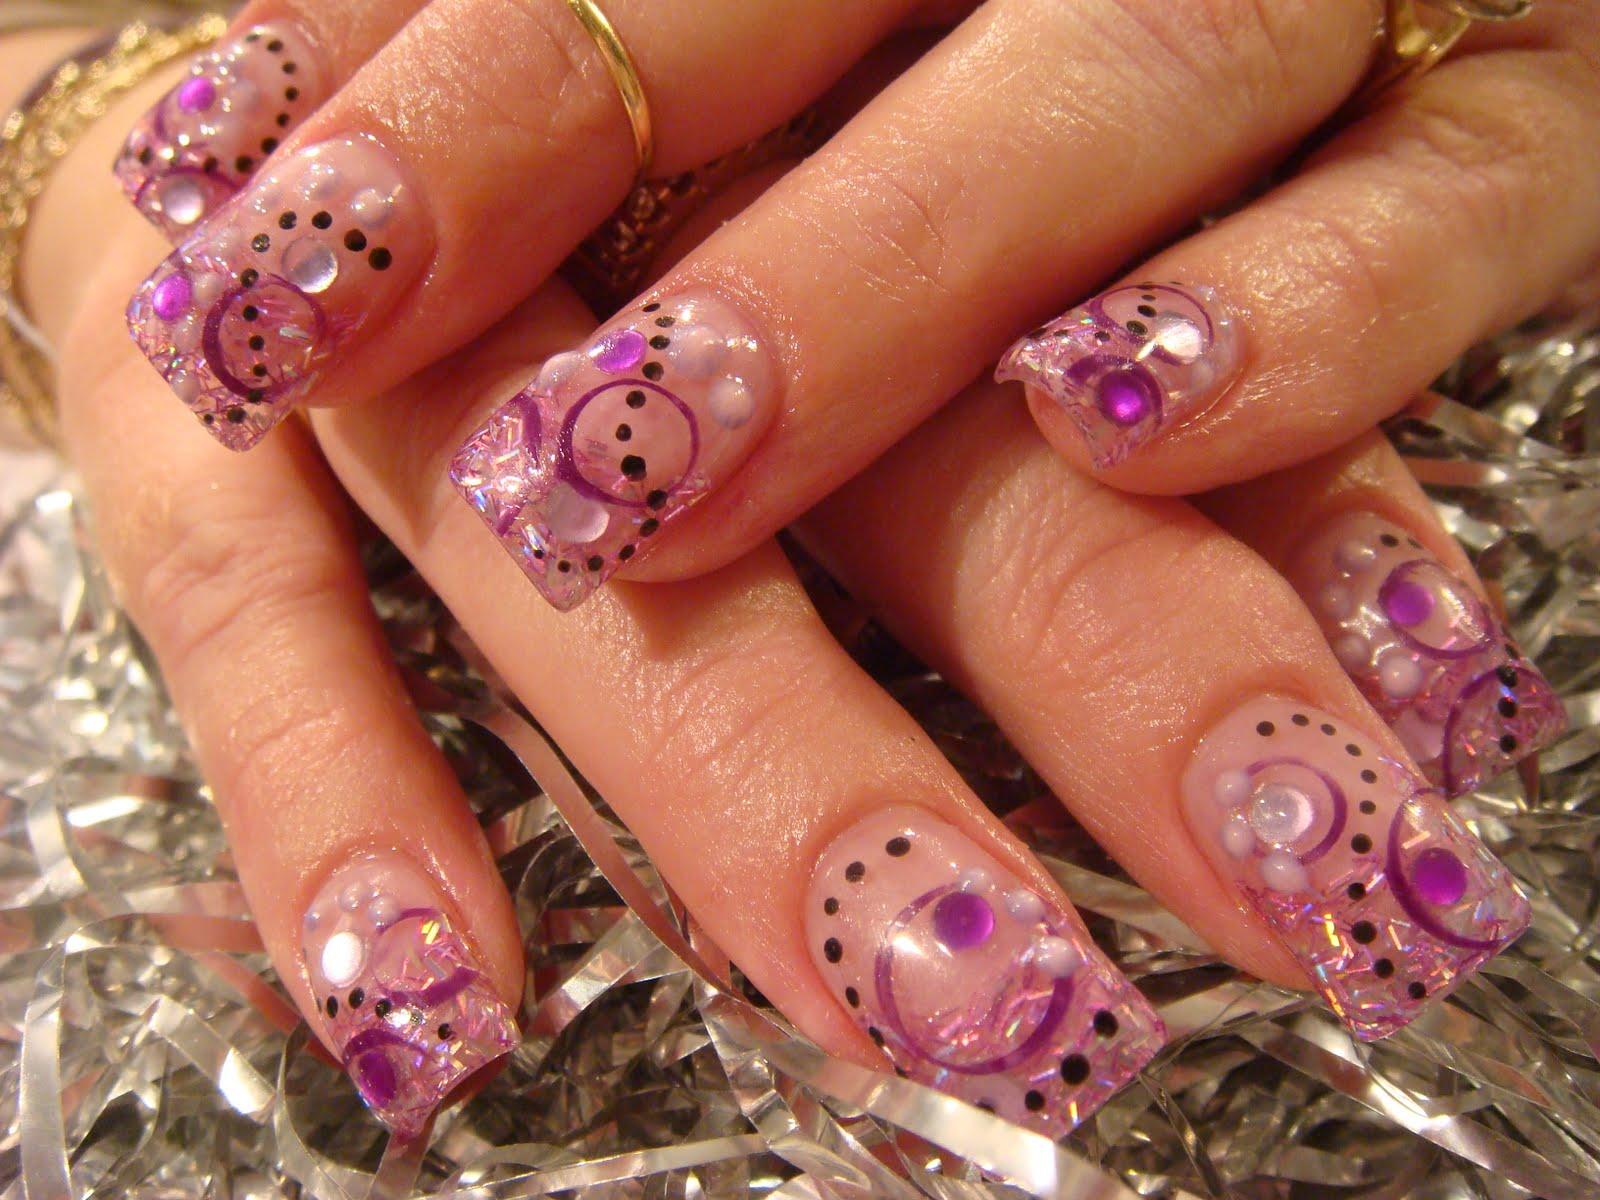 Spring Acrylic Nail Designs | Nail Designs, Hair Styles, Tattoos